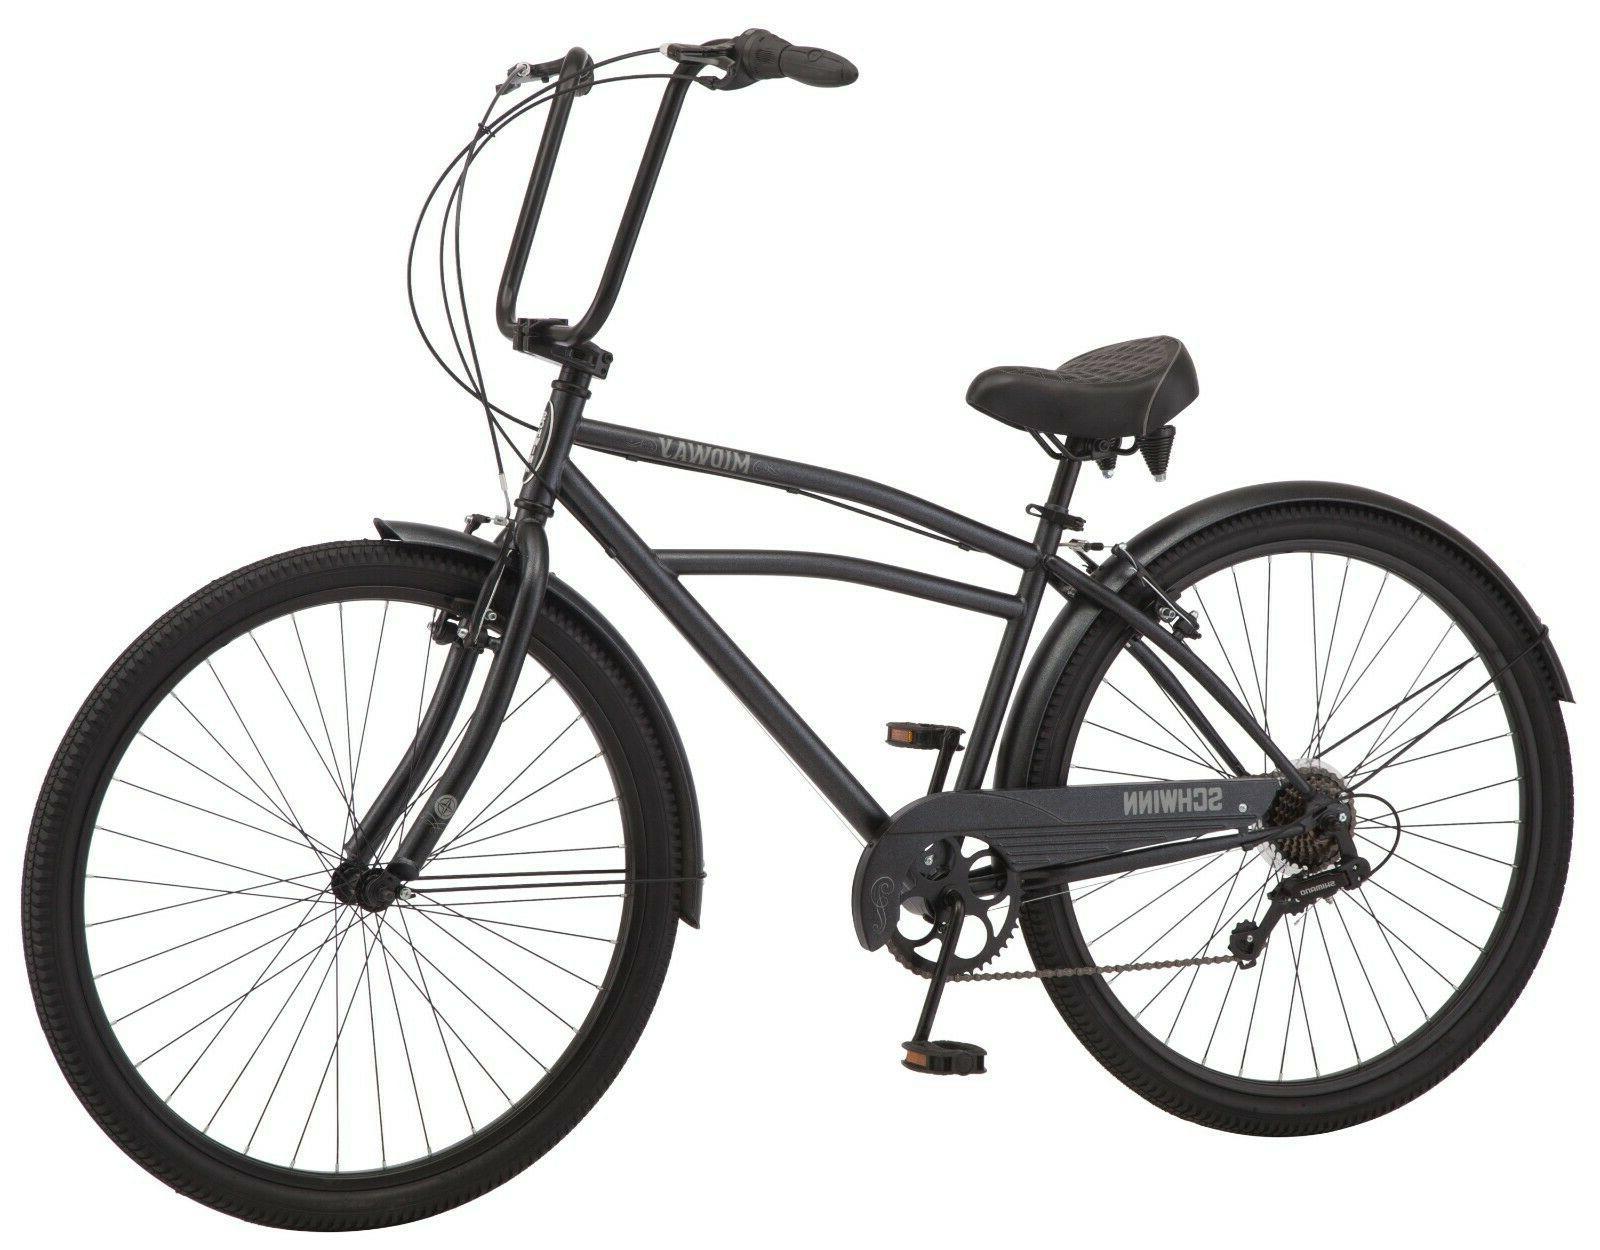 Schwinn Cruiser Bike, Wheel, 7 Speeds Shifter